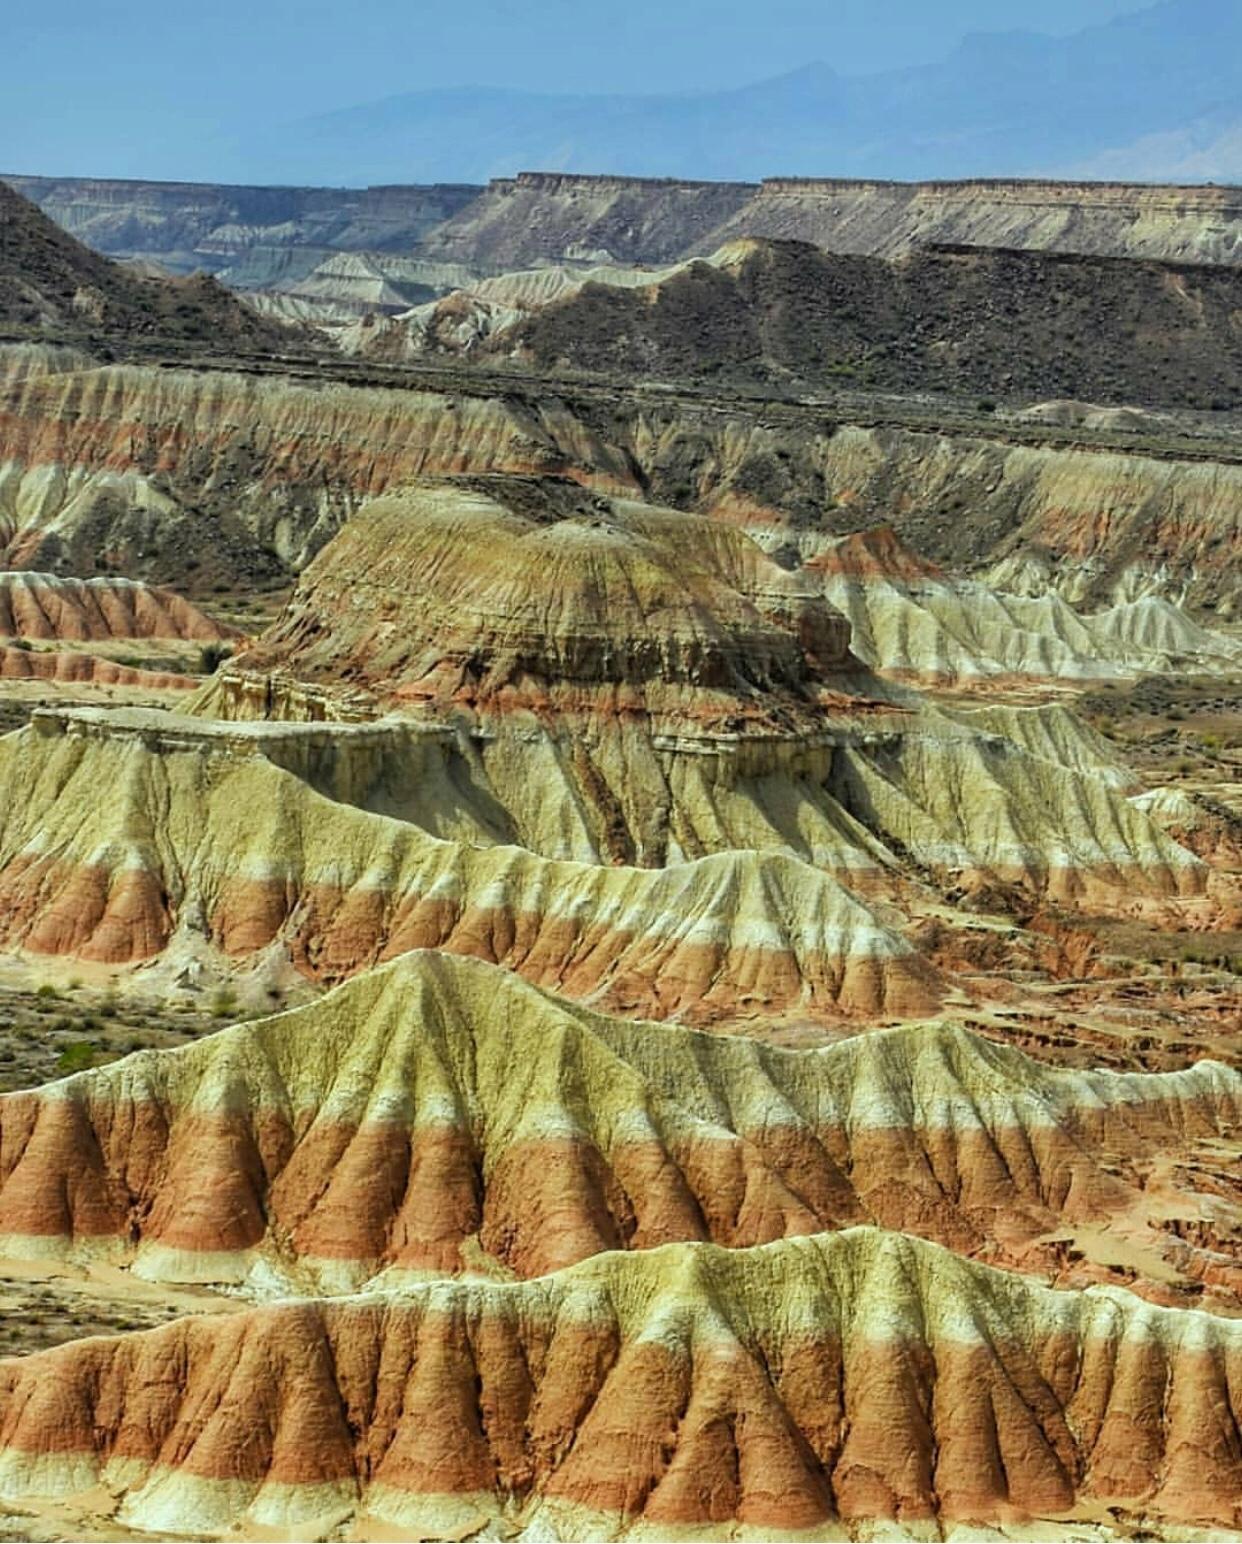 عدسة ايرانية: الجبال الملونة في عسلويه غربي إيران 1